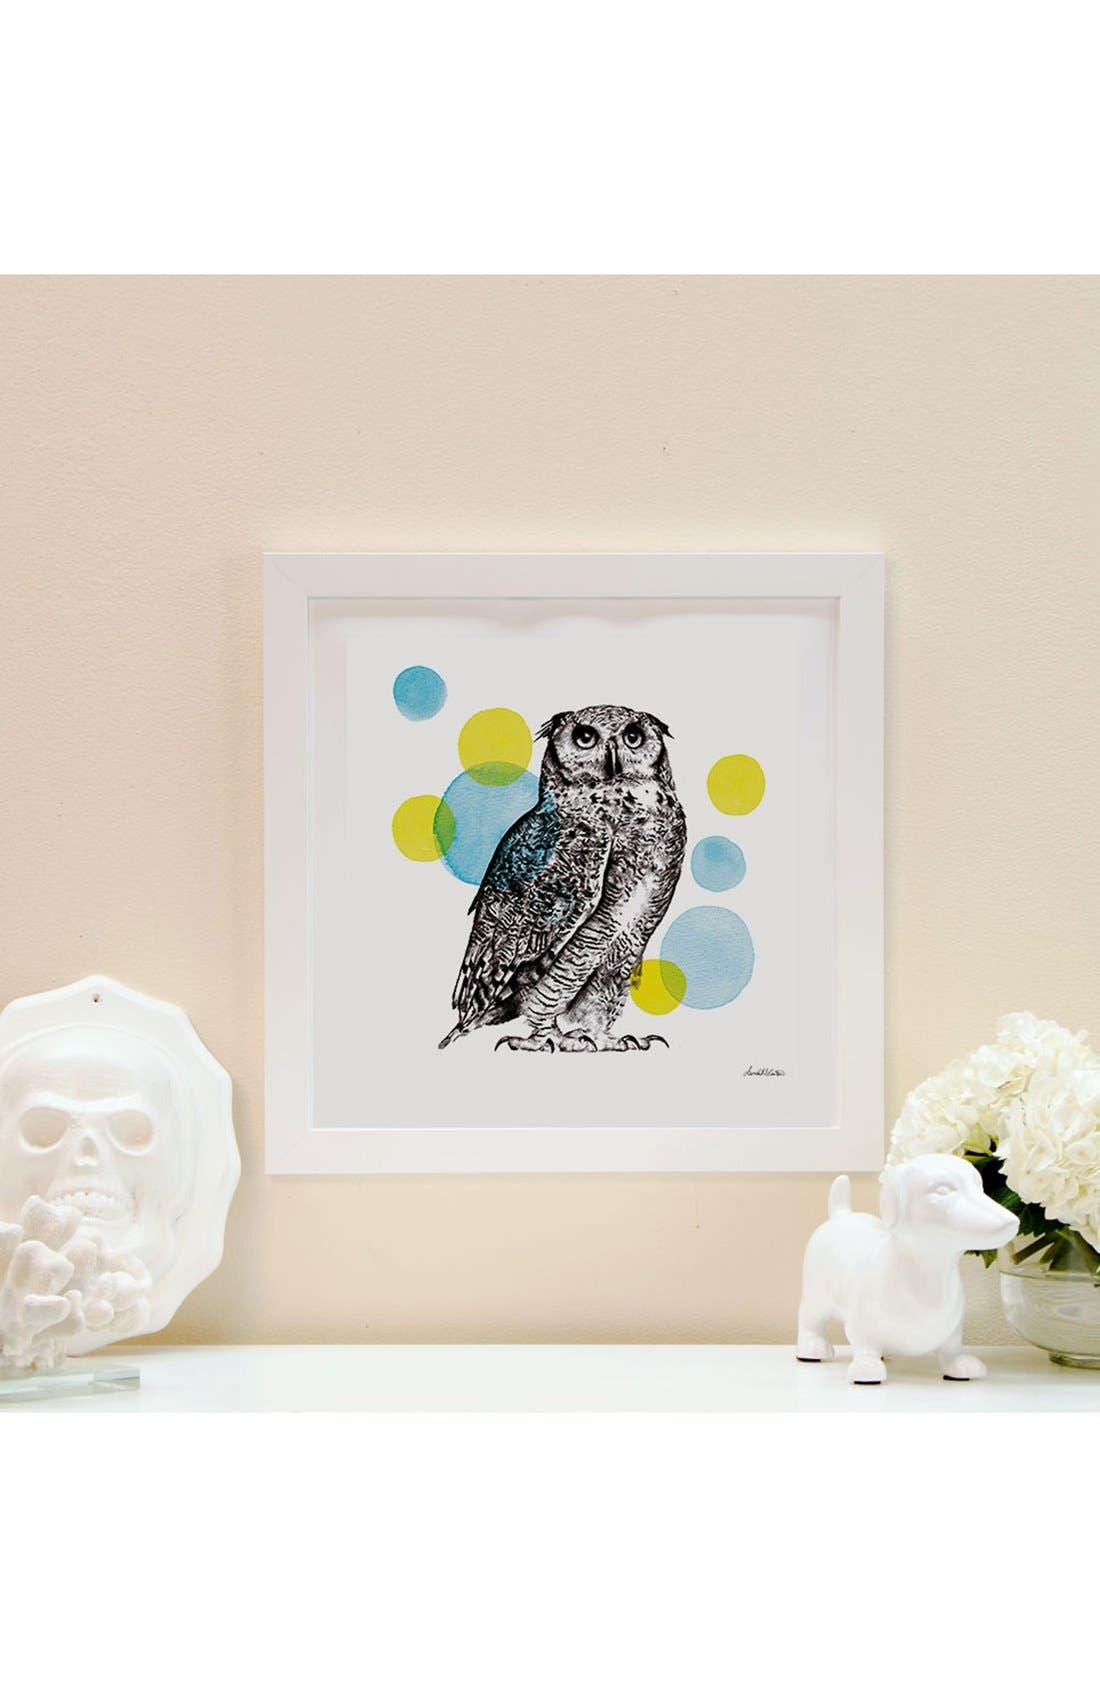 'Sketchbook - Owl' Giclée Print Framed Canvas Art,                             Alternate thumbnail 2, color,                             100